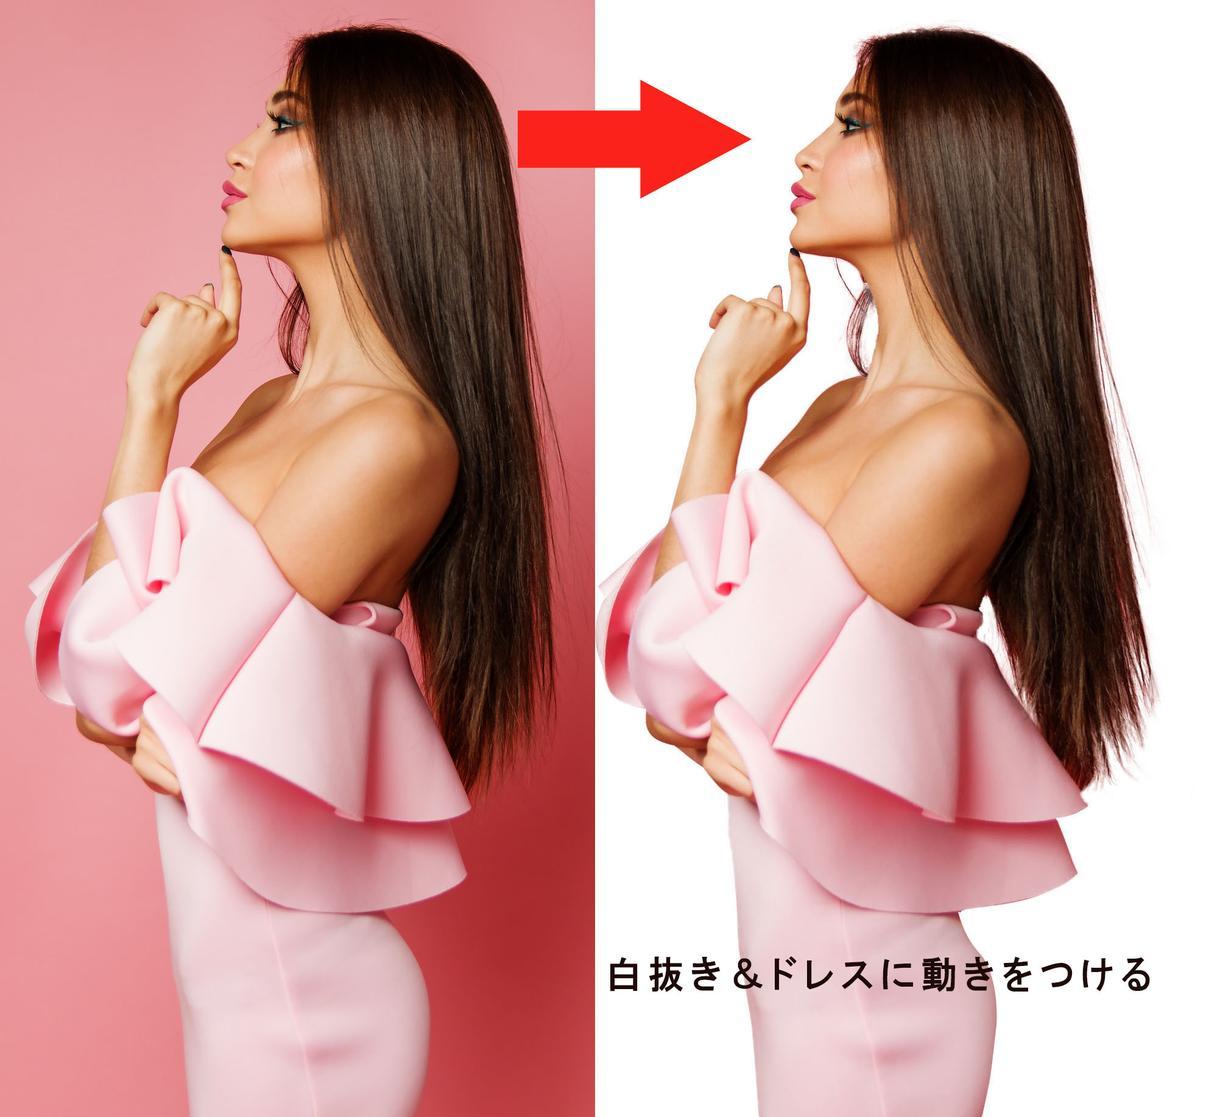 合成切抜き【即日対応】Photoshop加工します 合成・レタッチ(修正)画像加工なら気軽にご質問下さい。